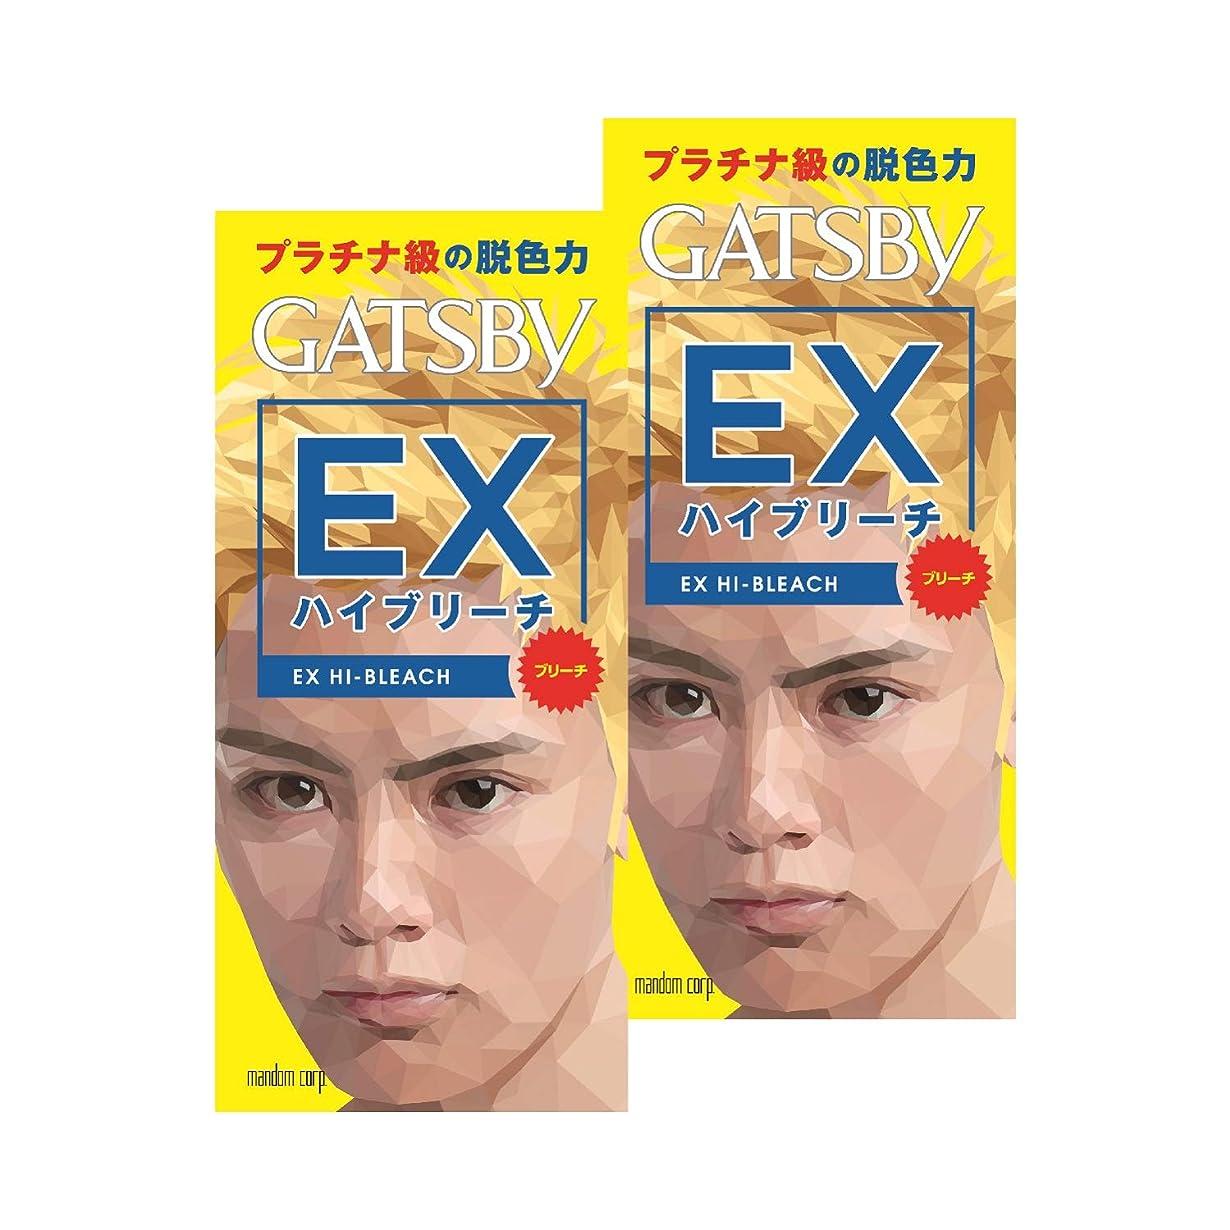 維持祖先ロゴ【まとめ買い】ギャツビー (GATSBY) EXハイブリーチ 2個パック メンズ用 ブリーチ剤 ミディアムヘア約2回分 (医薬部外品)